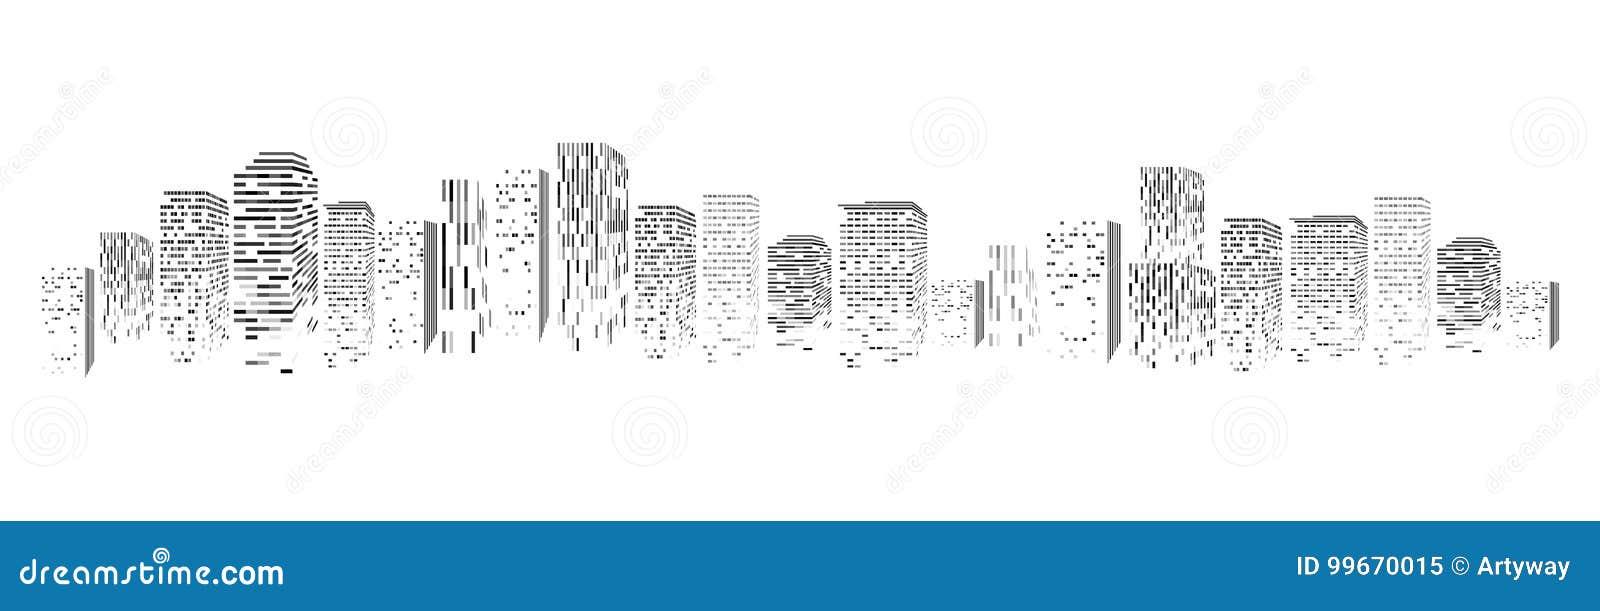 Vector la silueta aislada de la ciudad grande de la ciudad, rascacielos que construyen, centros de negocios Crepúsculo, puesta de